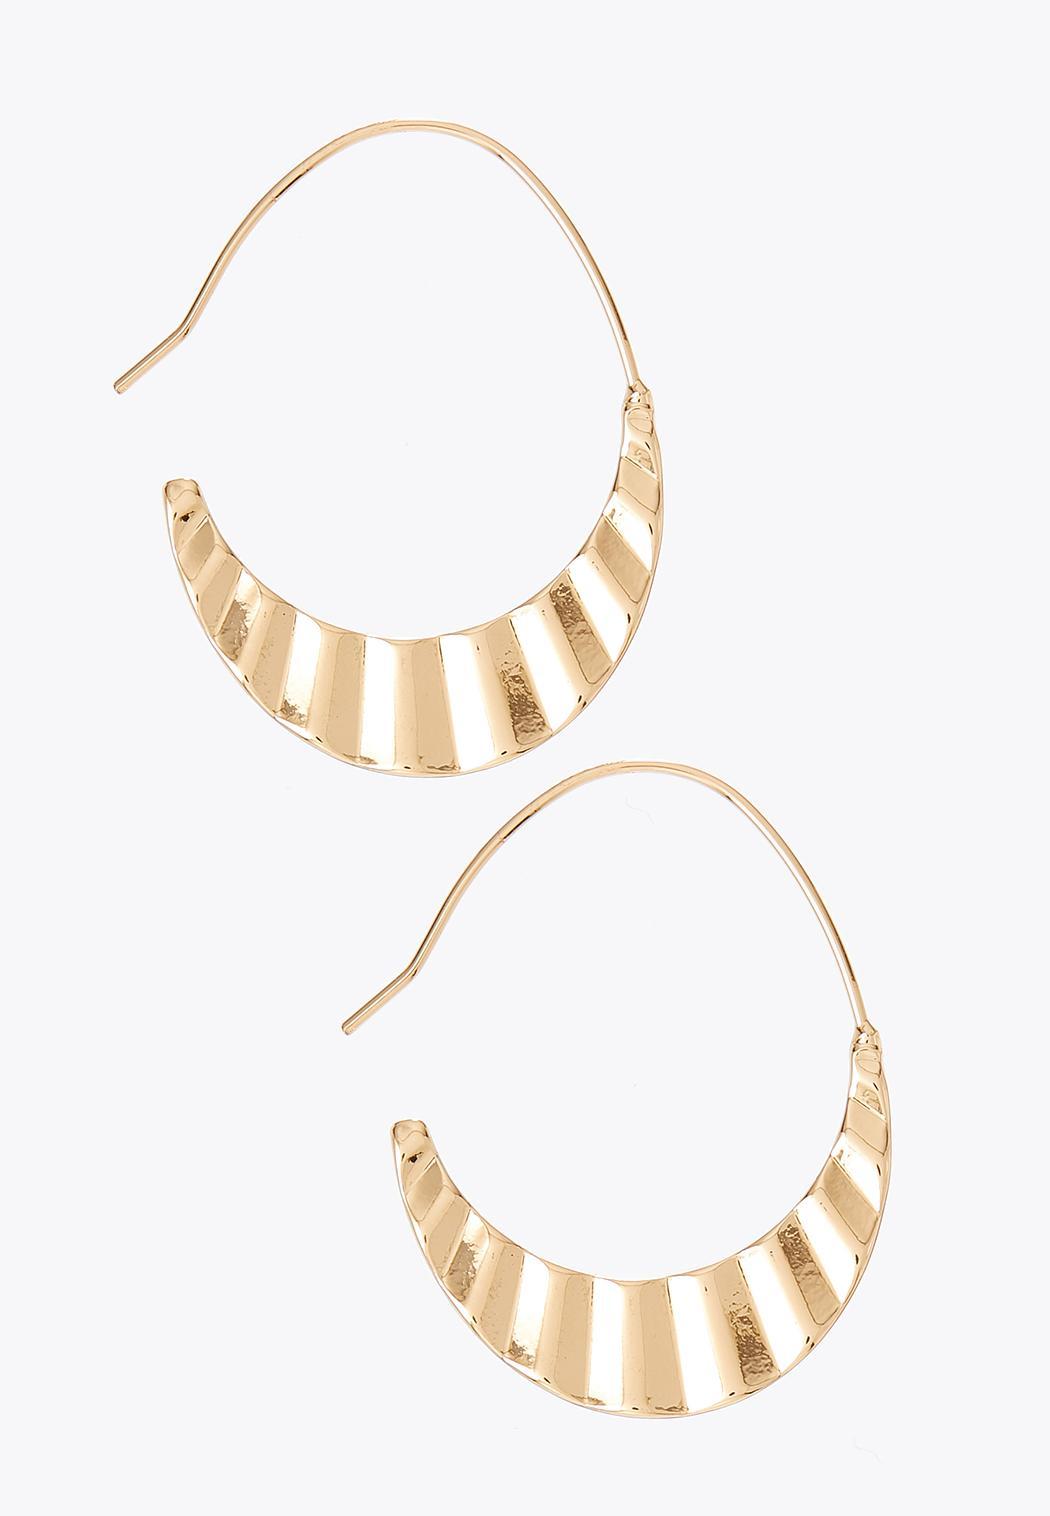 Crinkled Metal Half Hoop Earrings